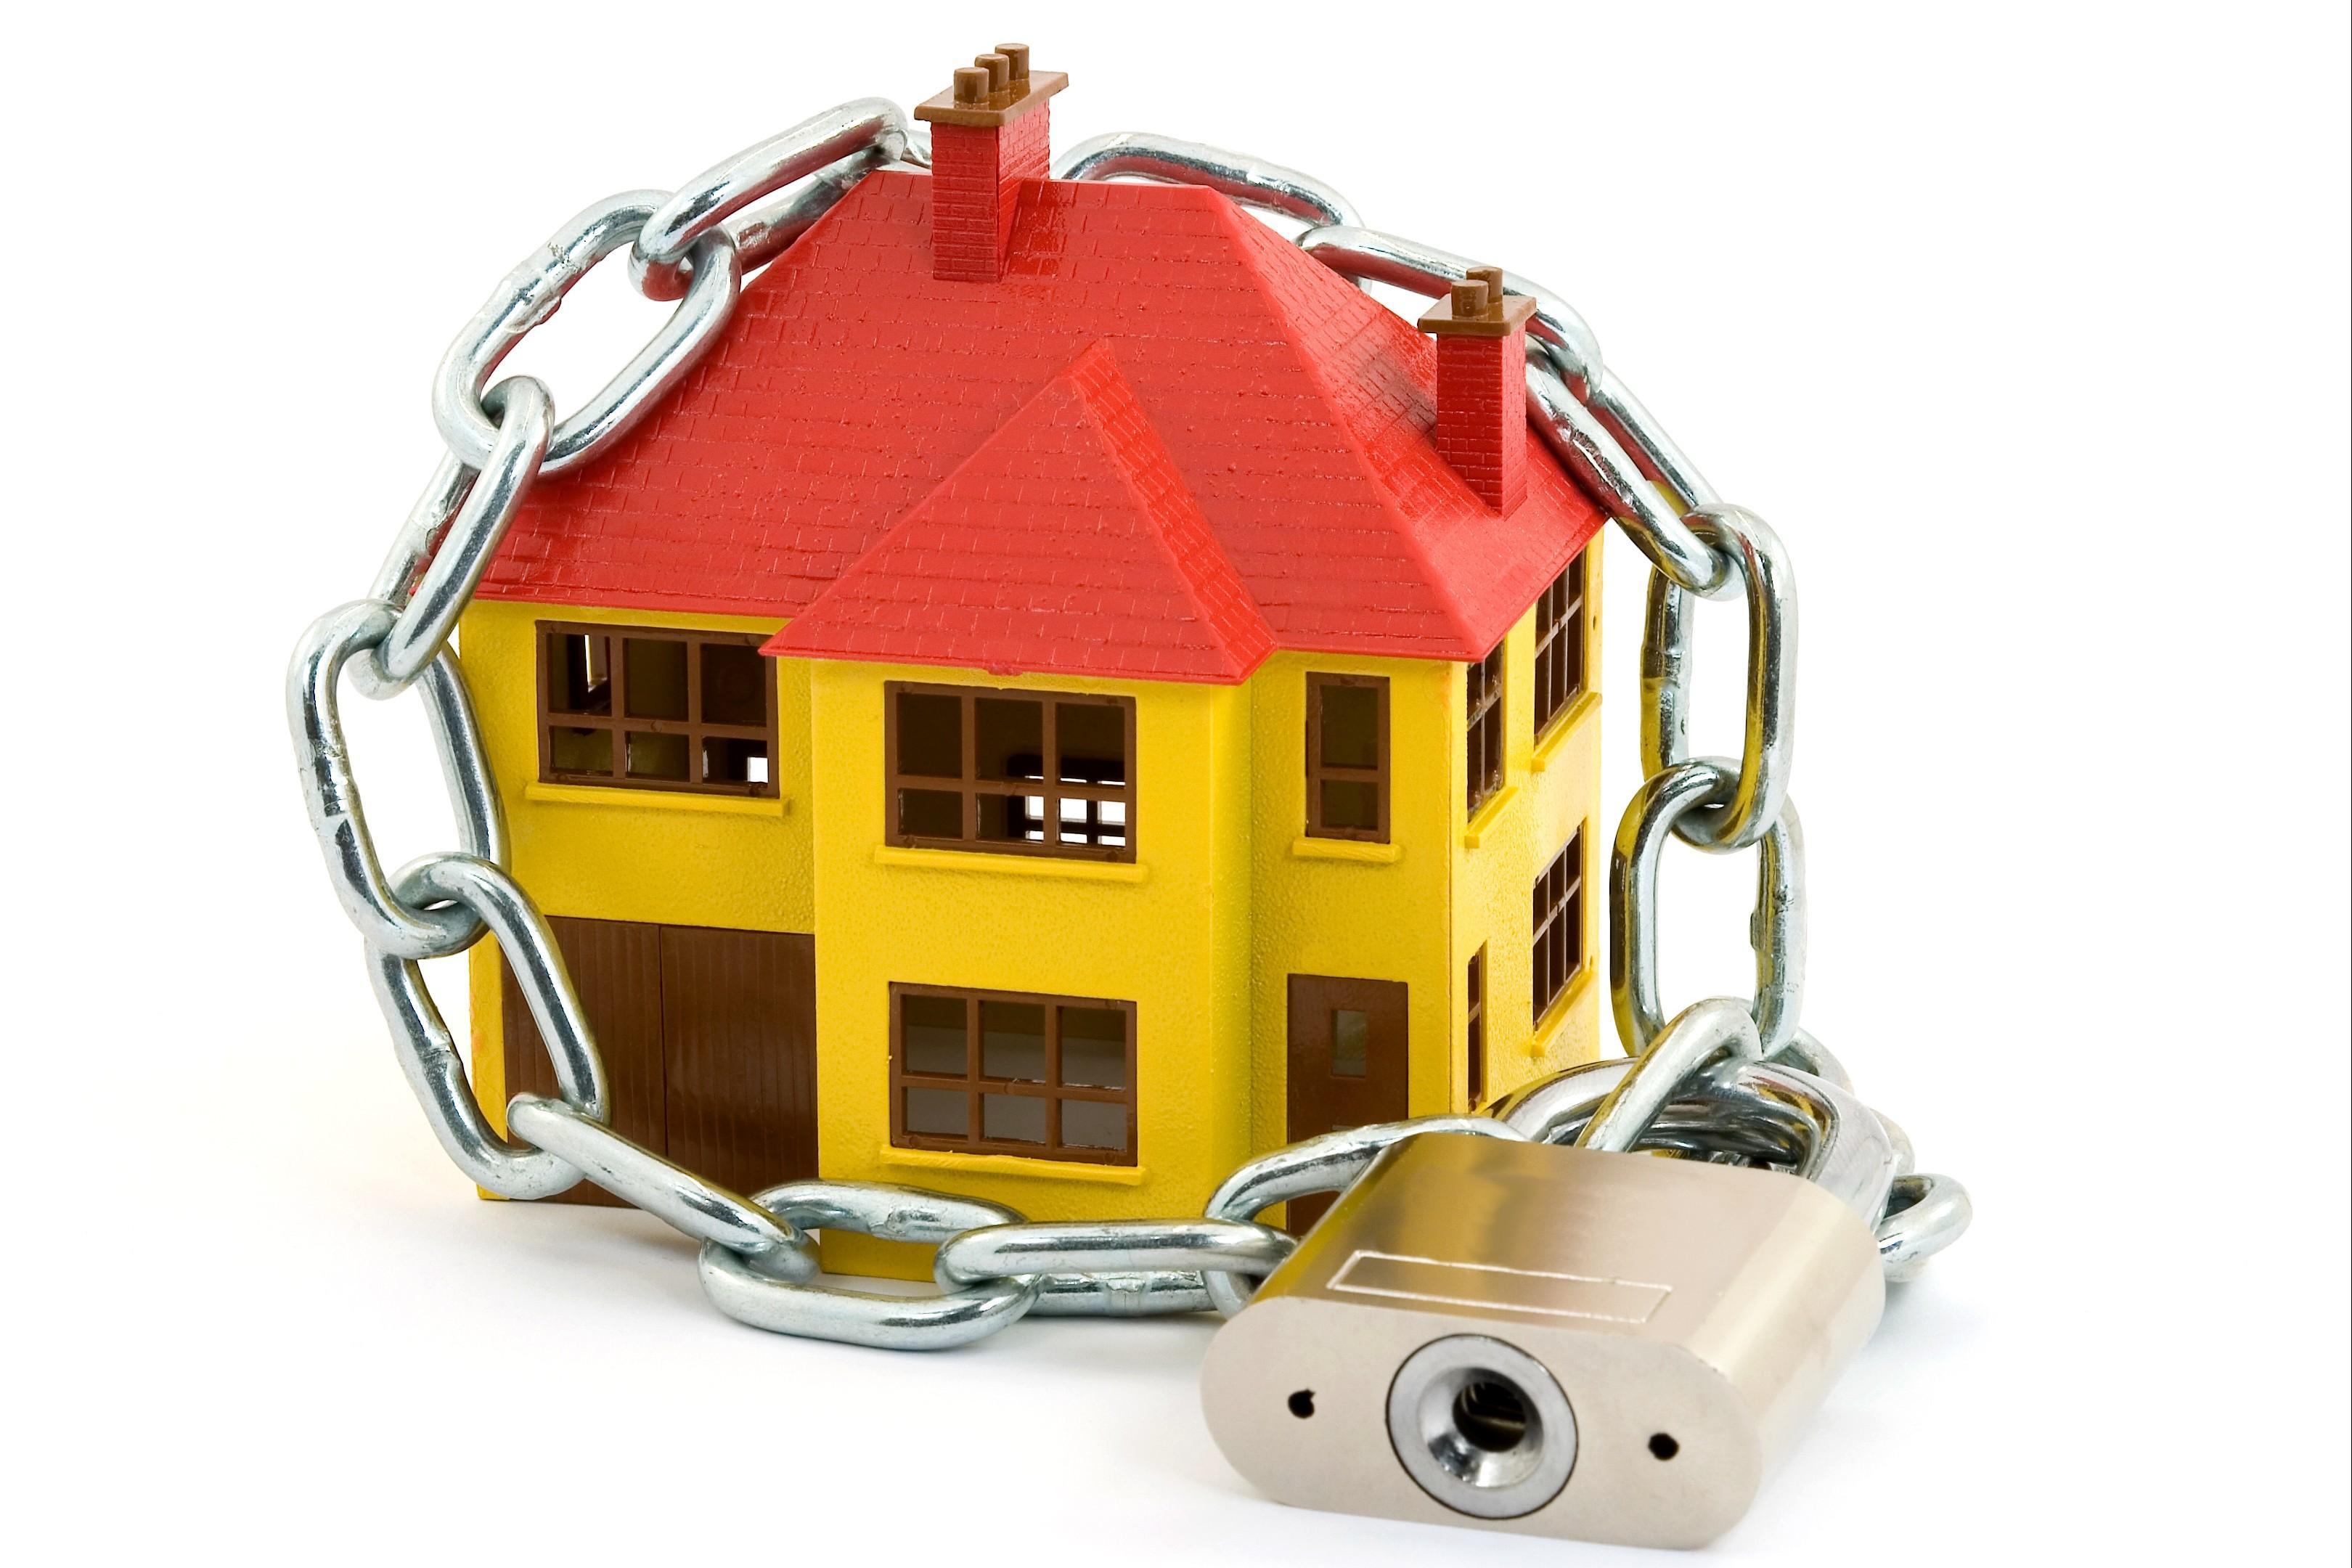 Come scegliere il migliore impianto di allarme antifurto - Antifurto casa costi ...